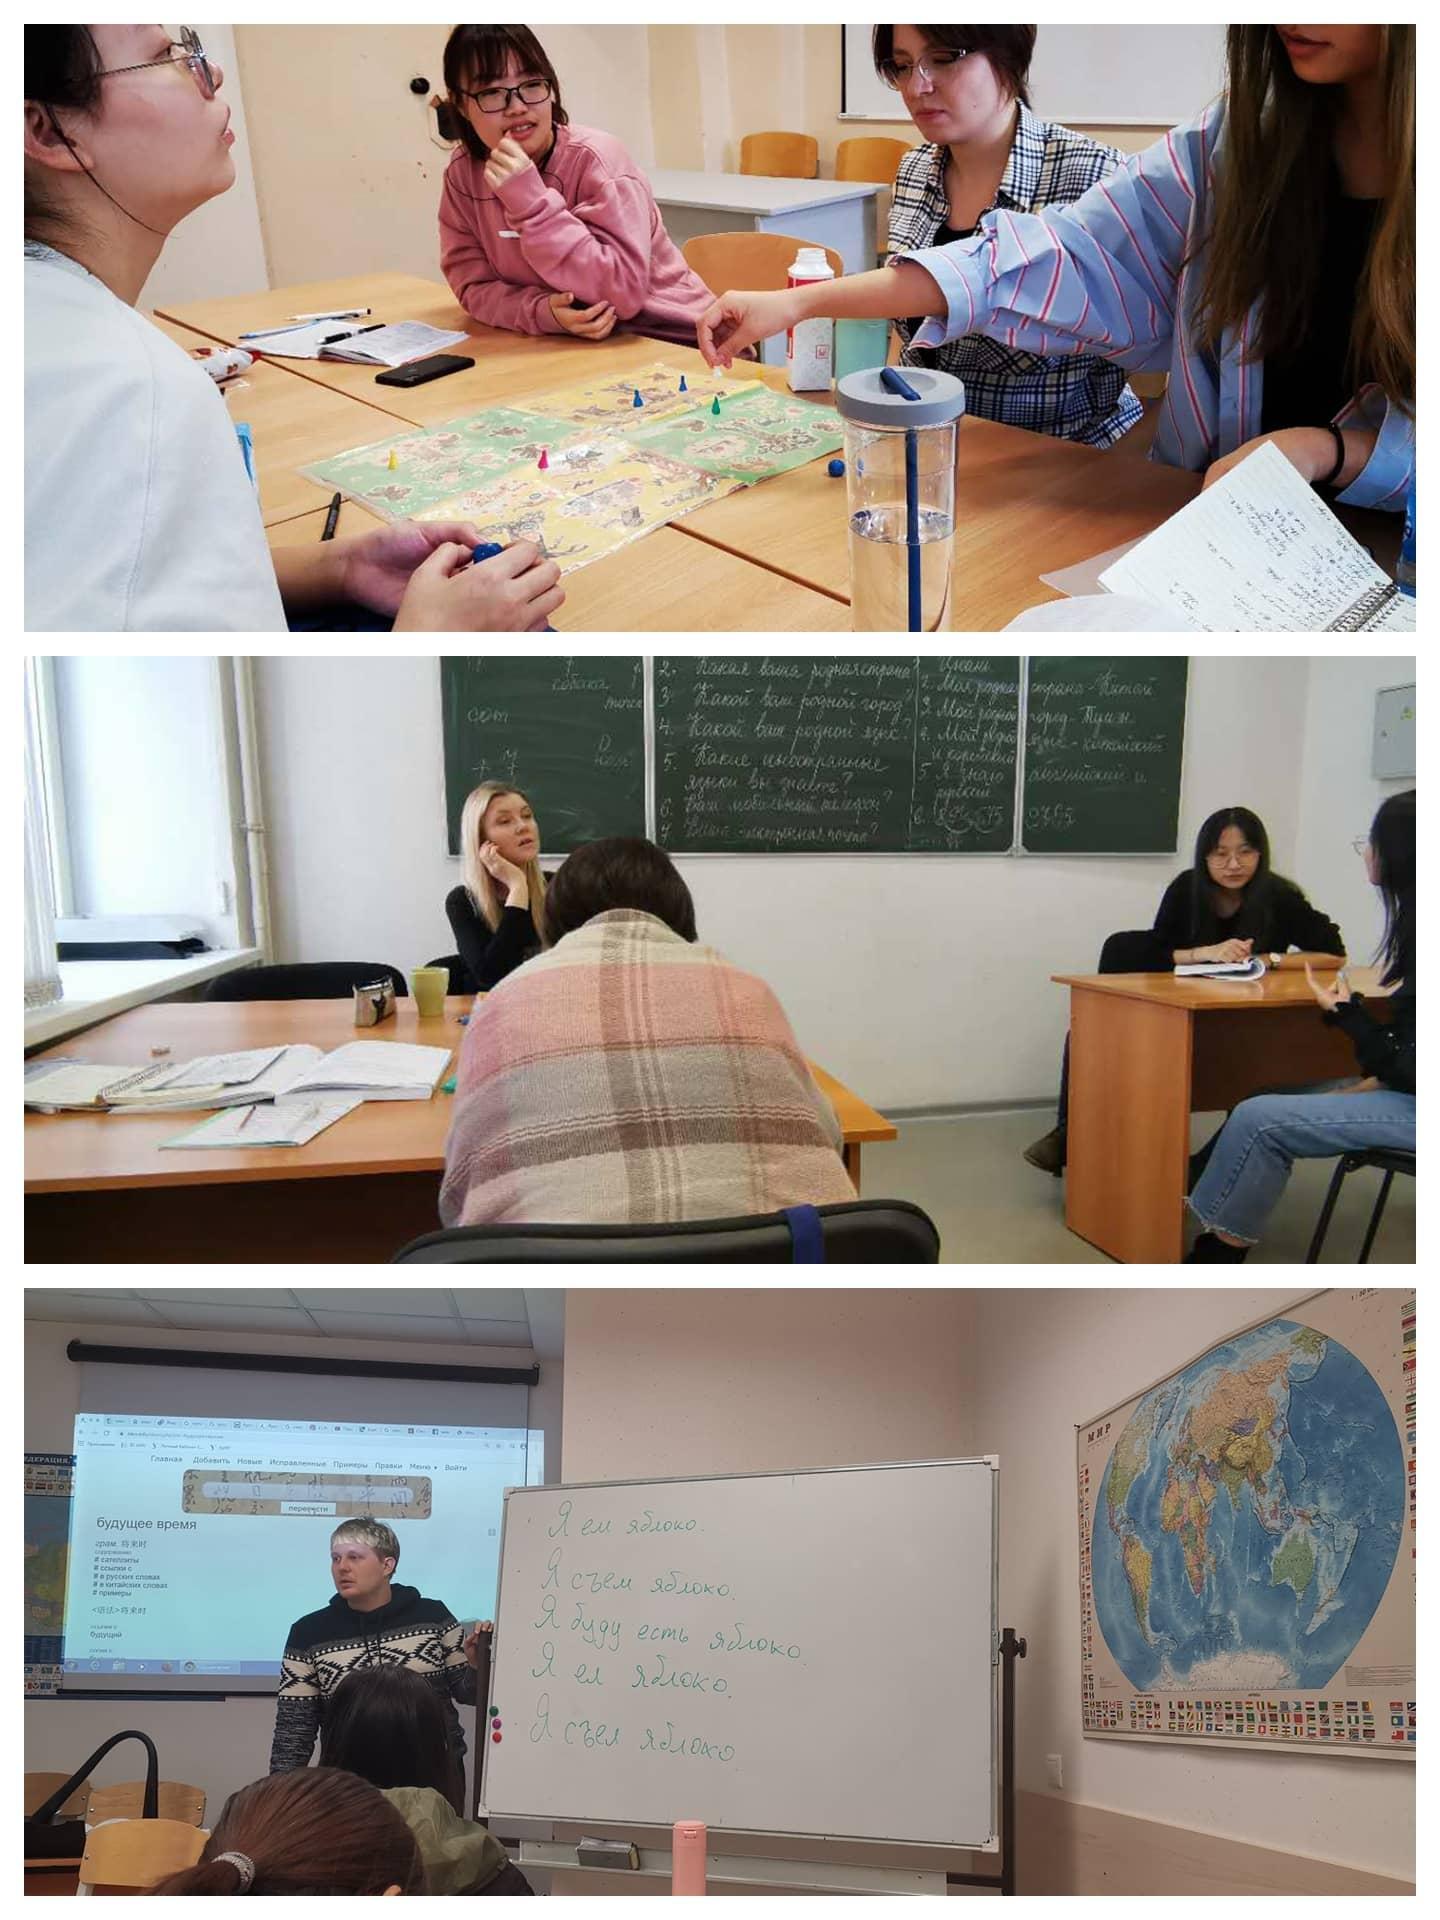 我公司2019年9月入学的学生在乌拉尔联邦大学的预科课堂上实拍